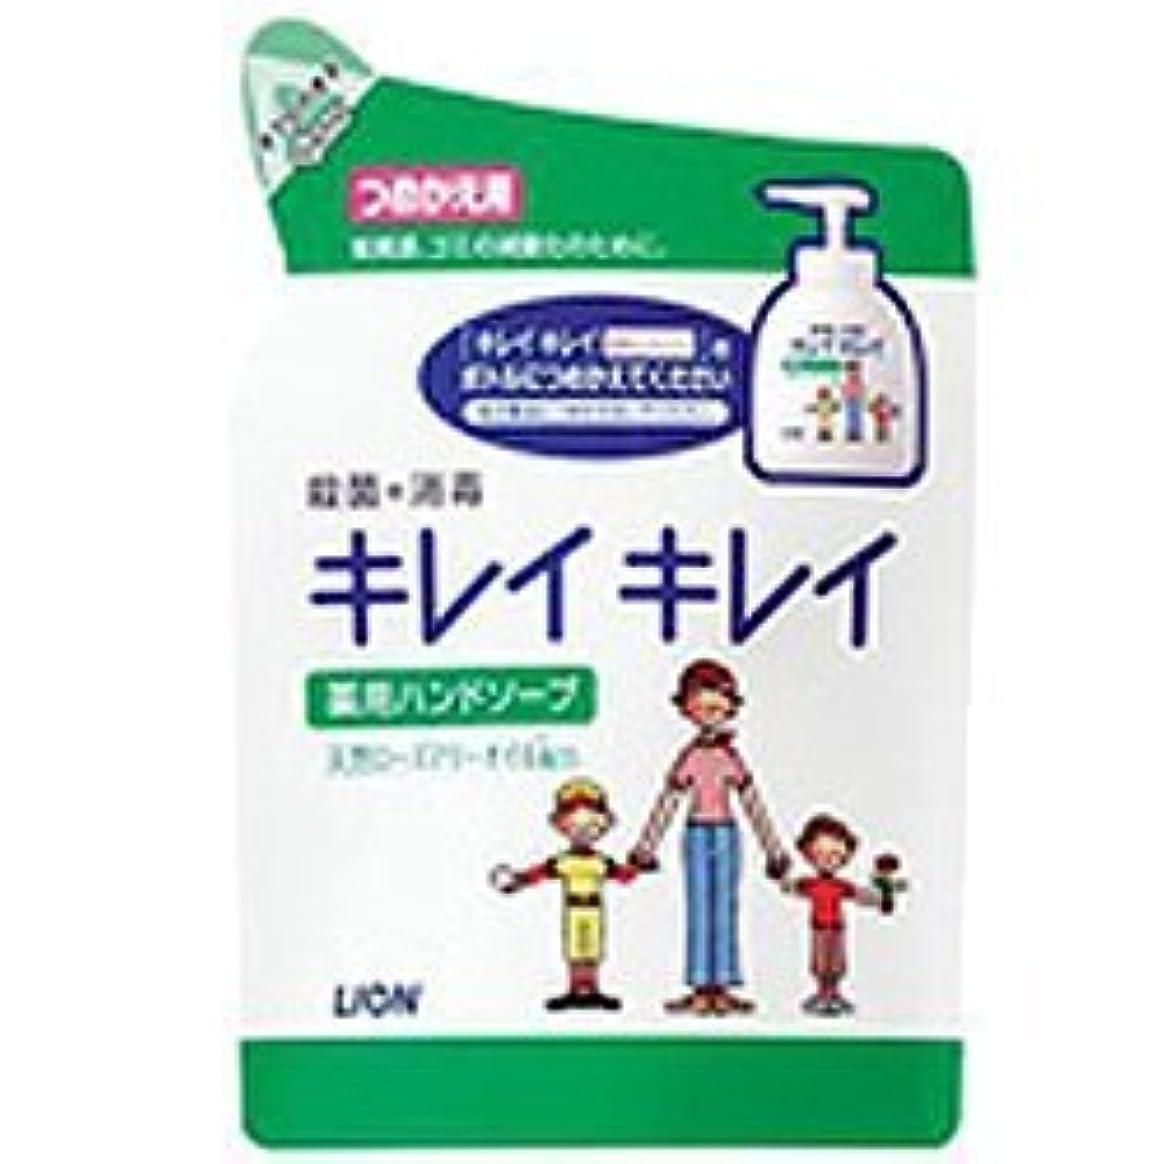 荷物少数生物学【ライオン】キレイキレイ 薬用ハンドソープ 詰替用 200ml ×4個セット